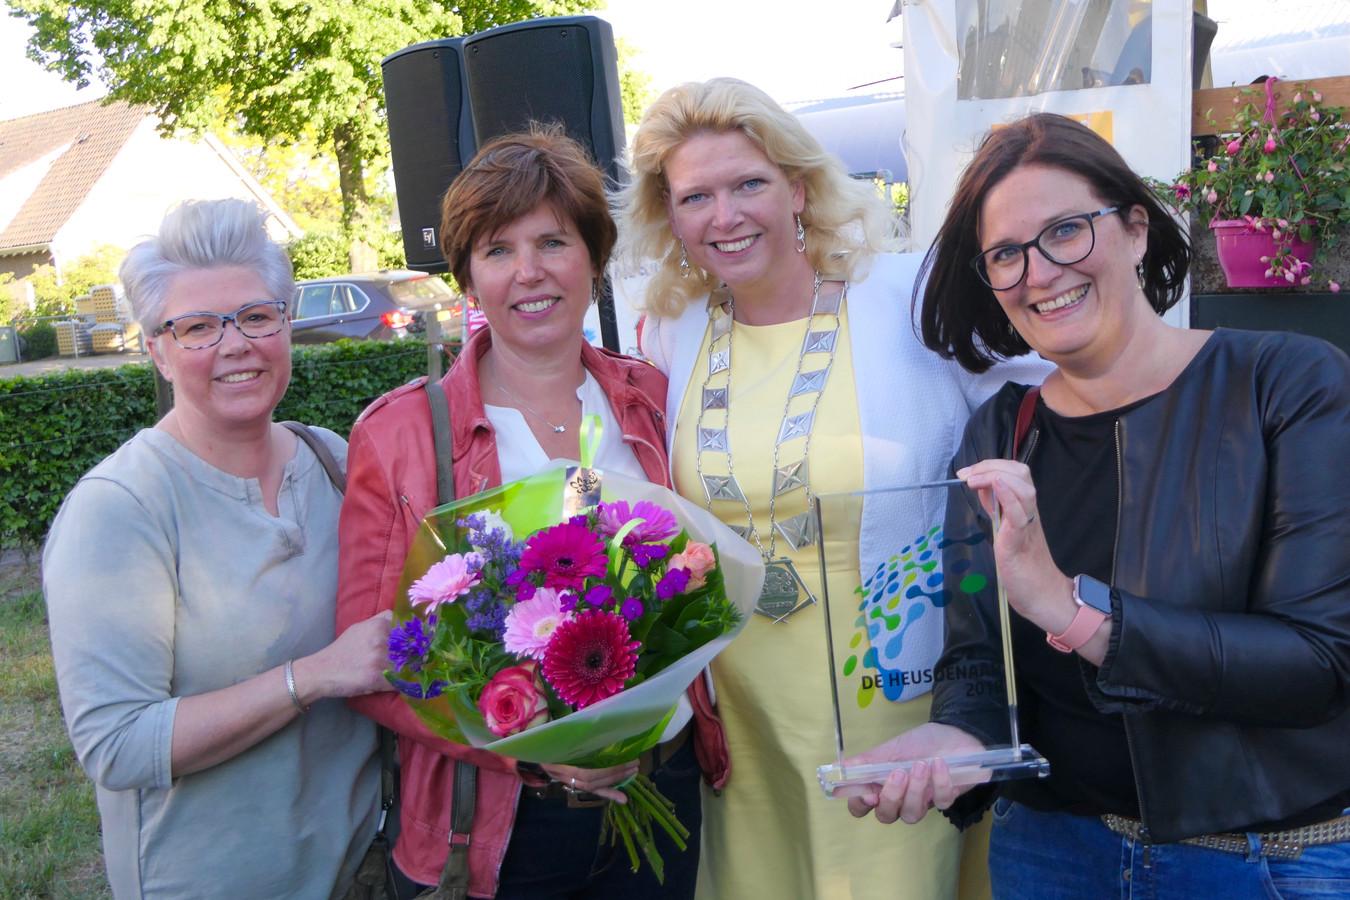 De Trotste werkgroep Samenloop voor de Hoop met de arward met burgemeester Willemijn Van Hees.